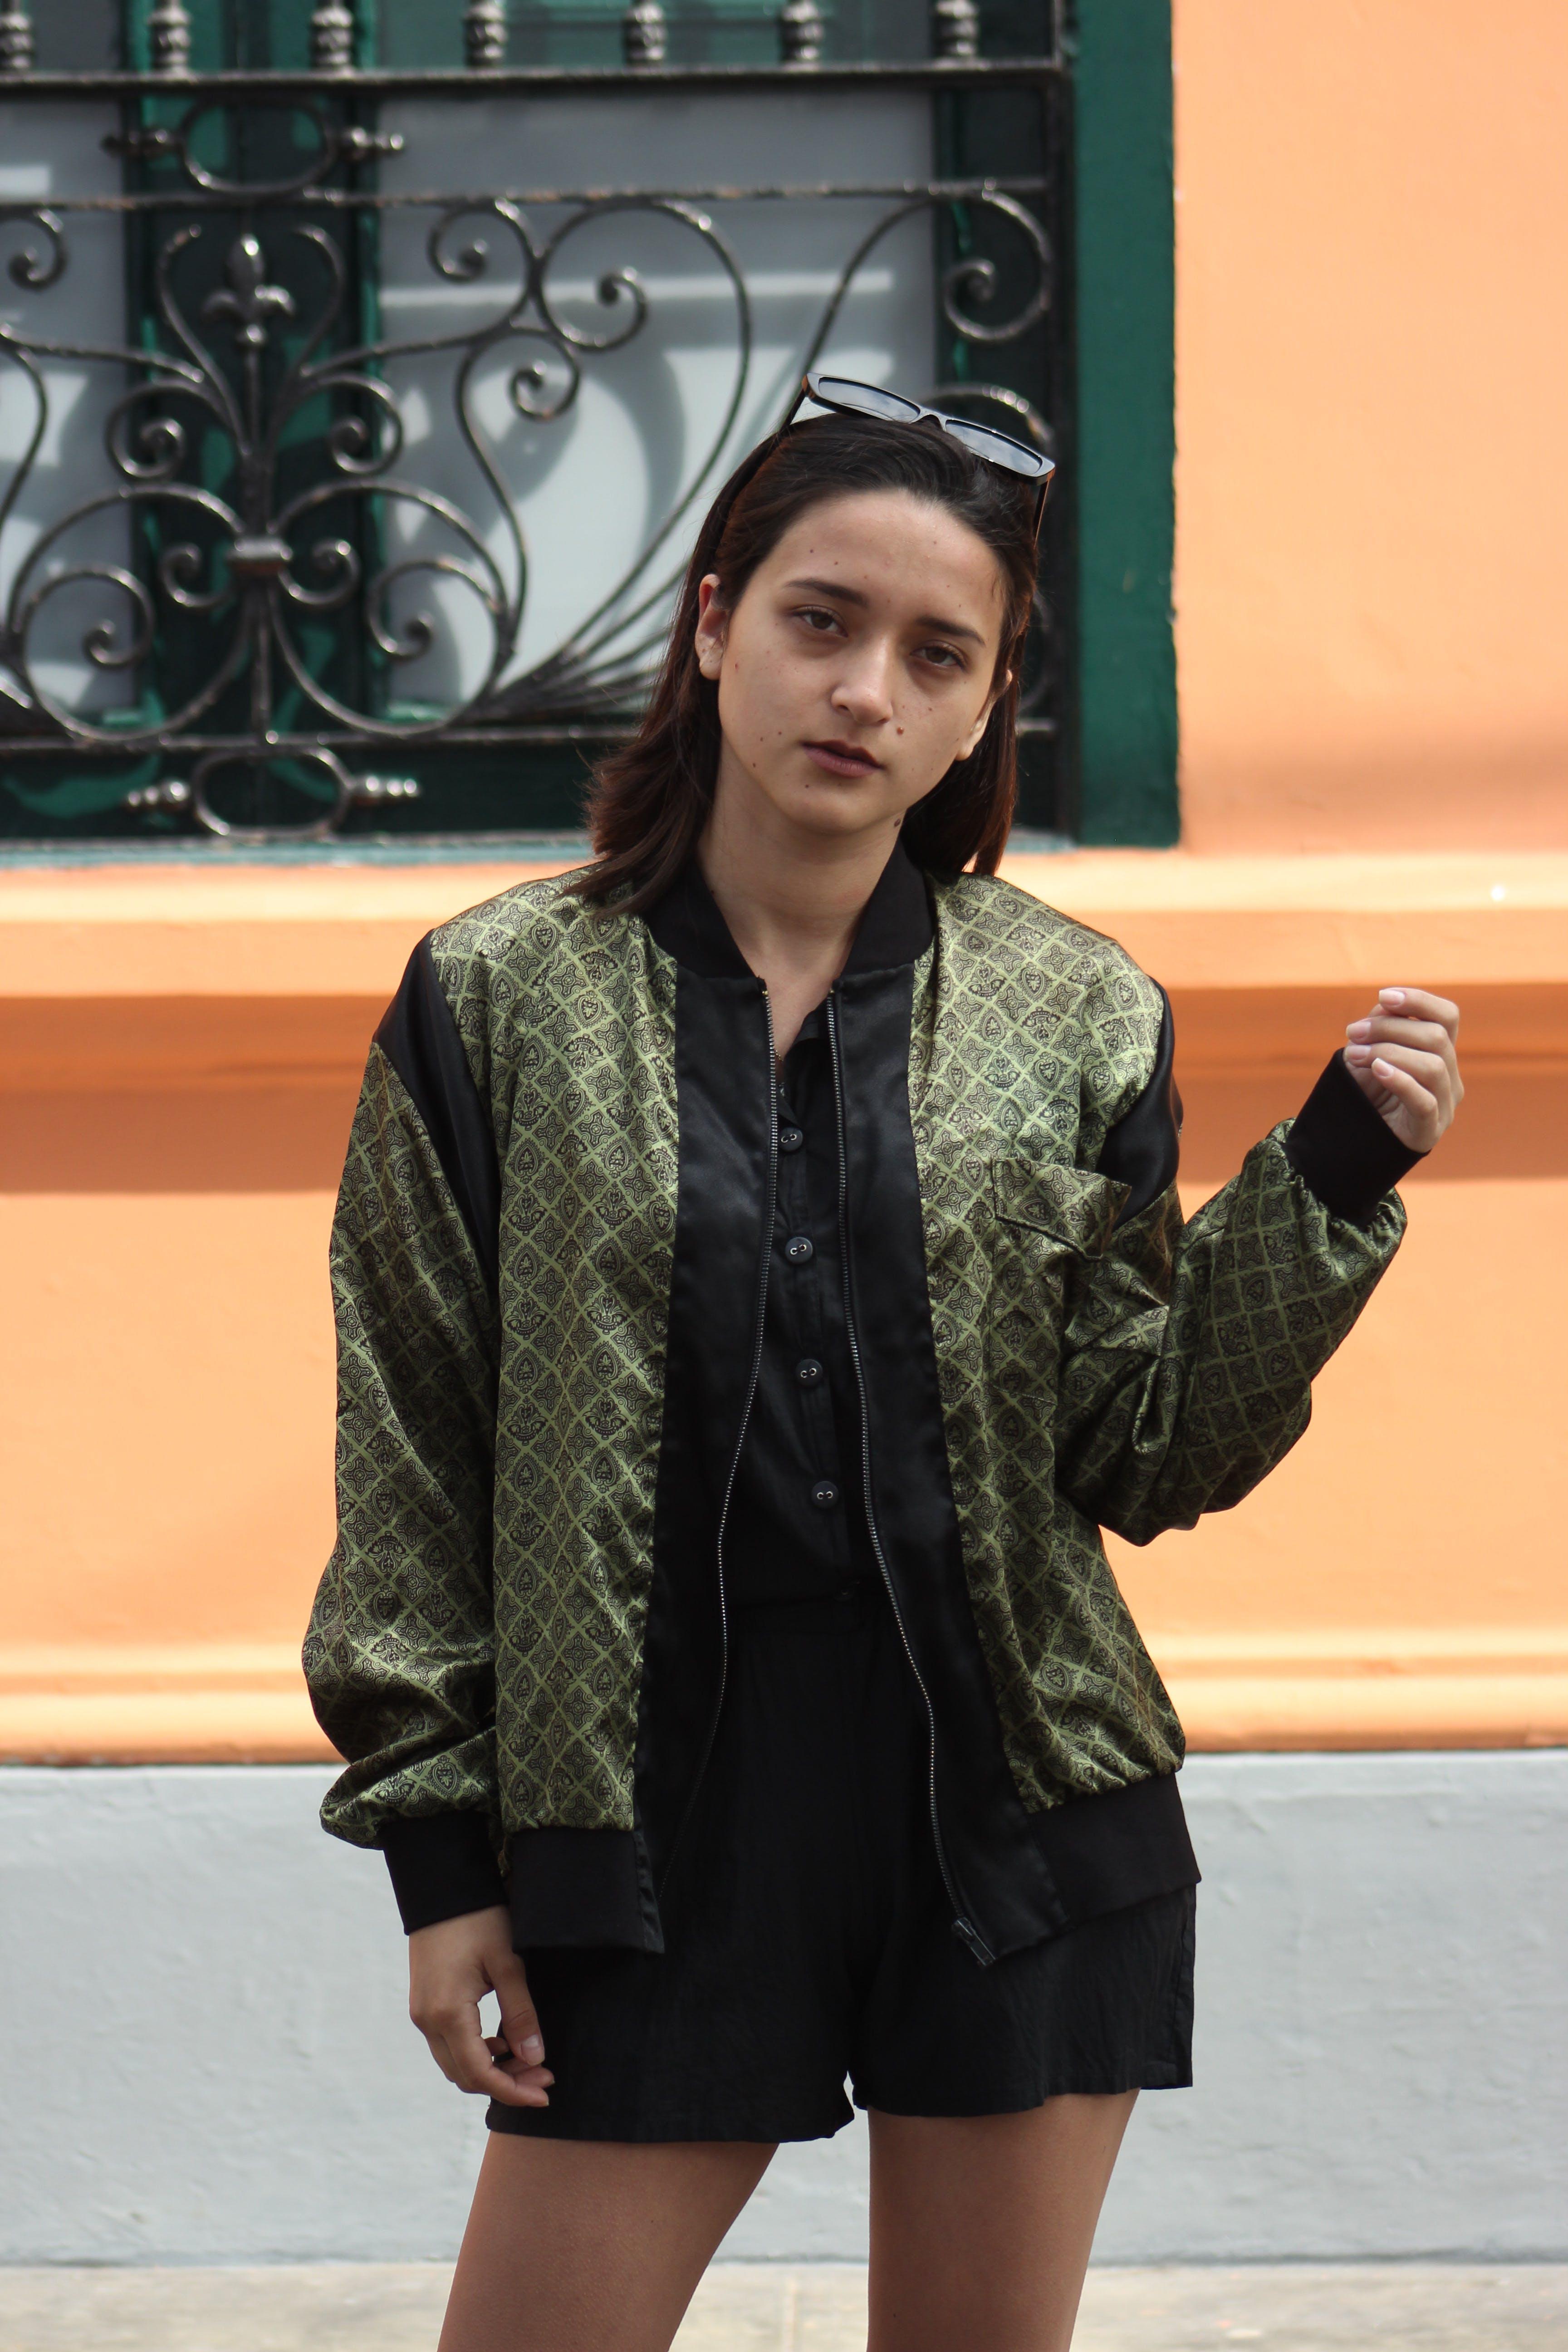 COLECCIÓN UPCYCLING  Rescatada de una pijama estilo seda de hombre. Bomber jacket tela verde olivo satinado con estampado barroco negro, bolsillo original en el pecho, pretinas negras y cierre delantero Talla L